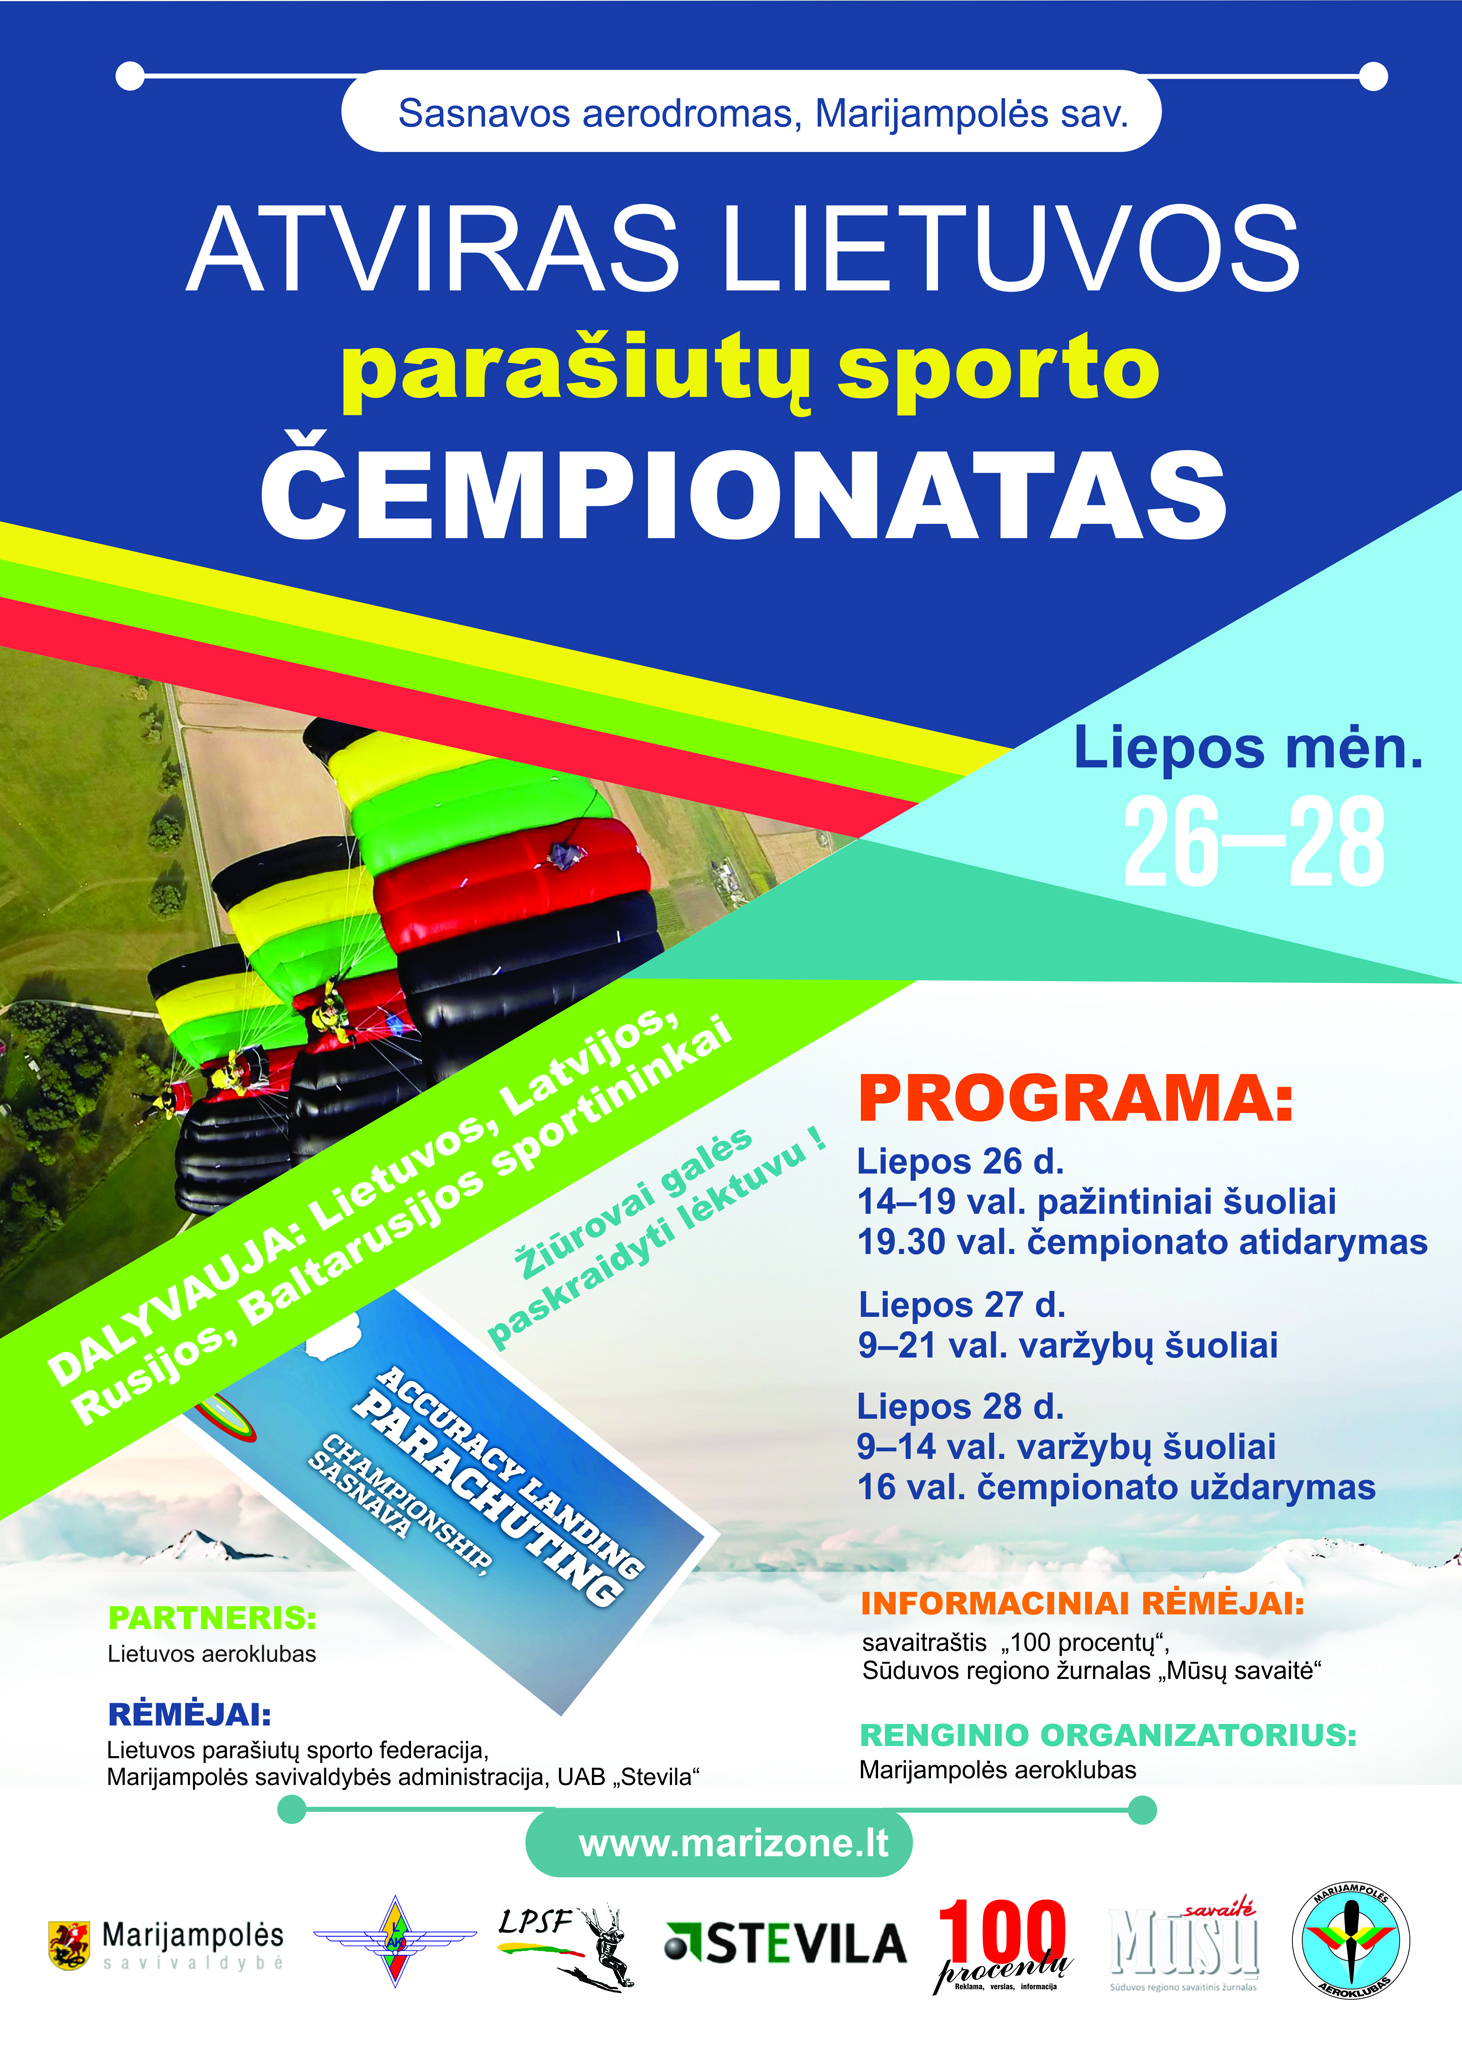 Atviras Lietuvos parašiutų sporto čempionatas, Liepos 26-29